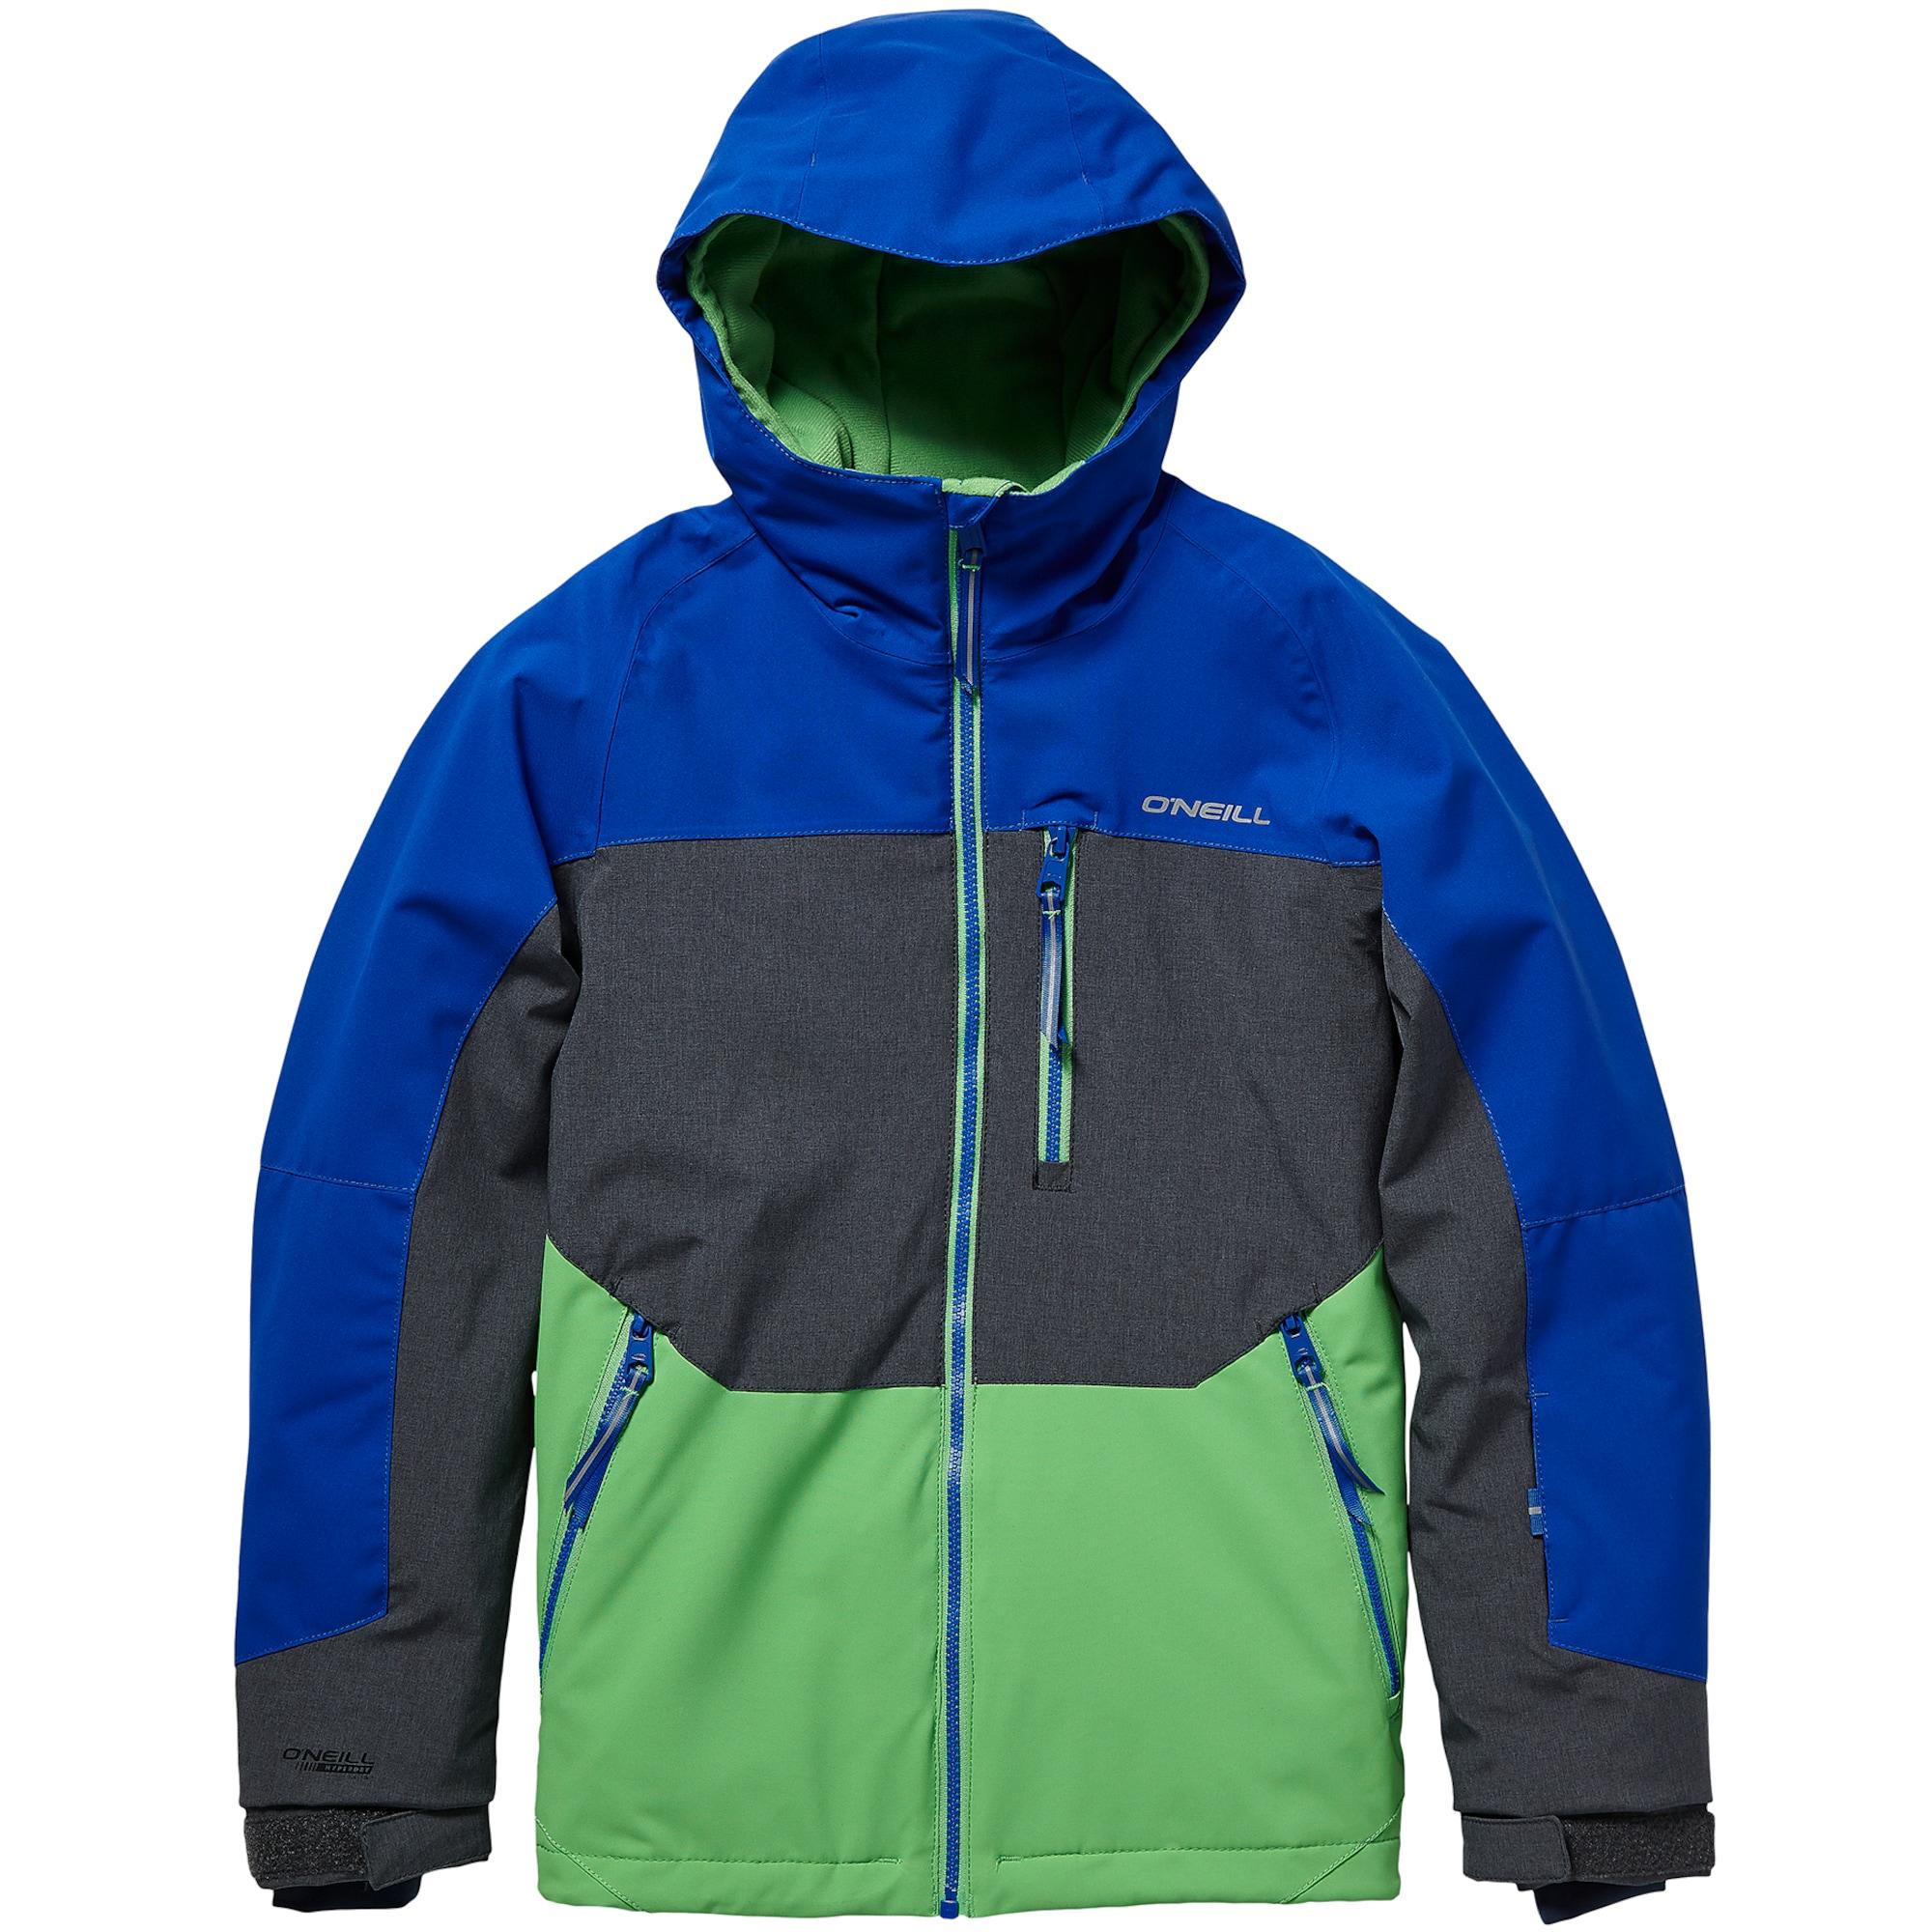 ONEILL Sportovní bunda modrá grafitová zelená O'NEILL